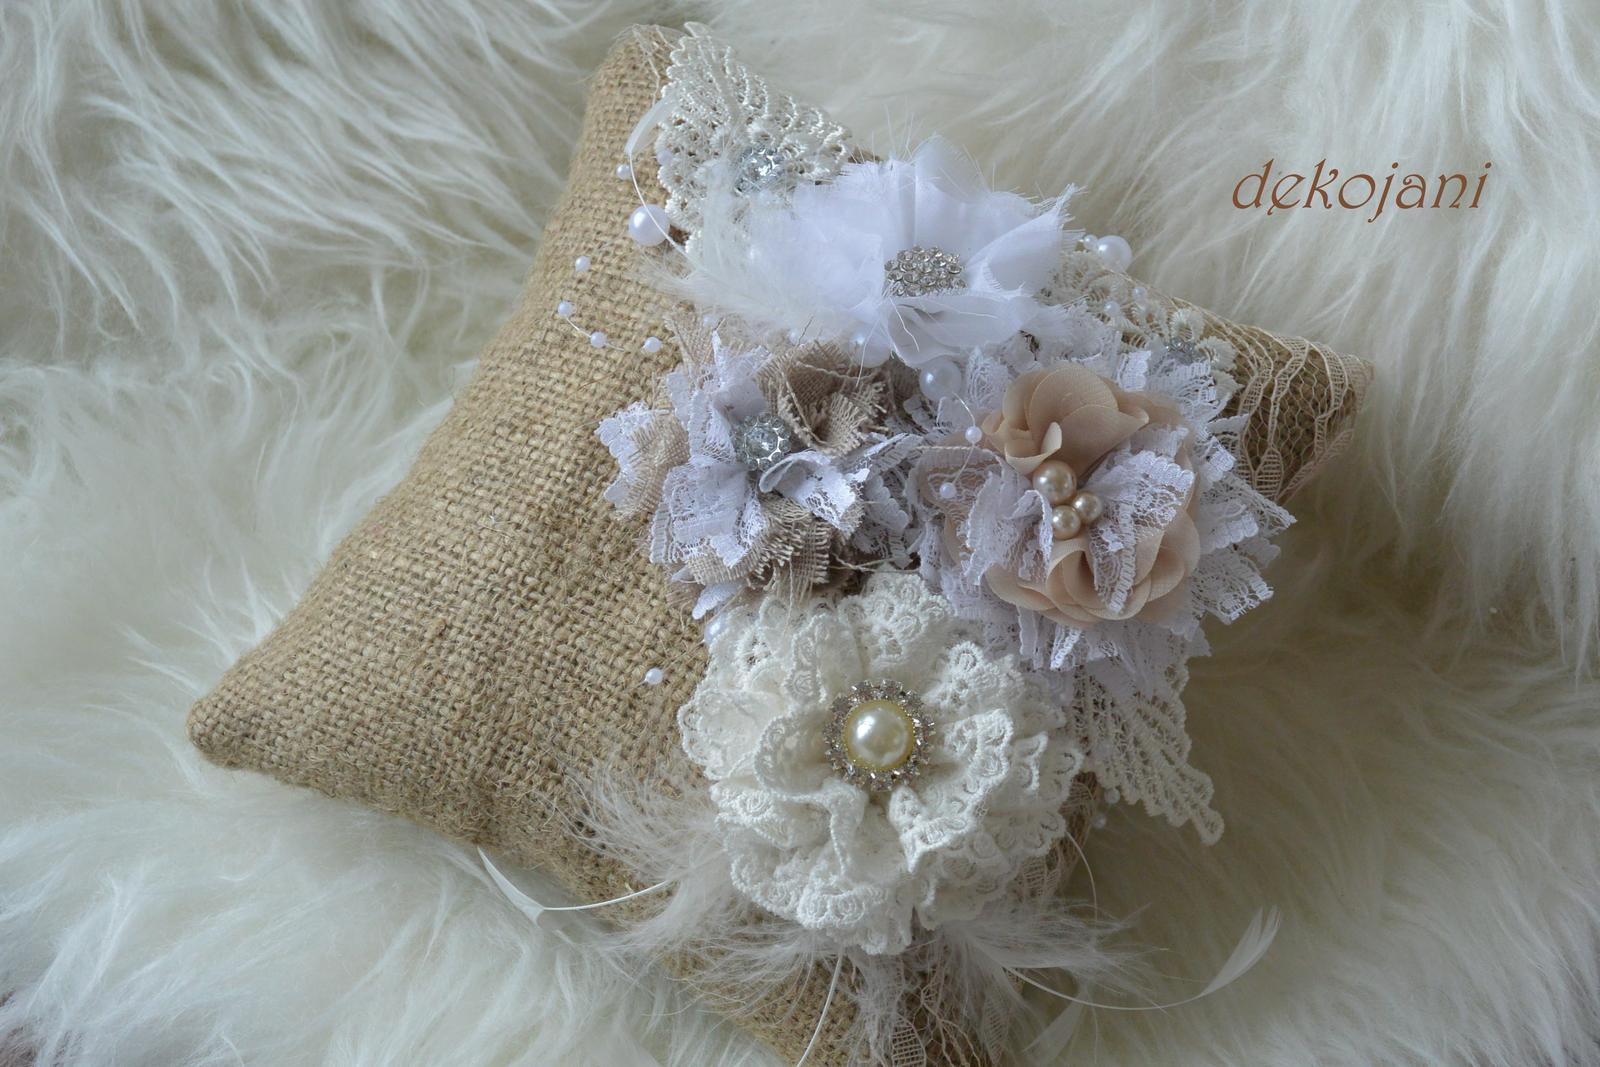 Svatební jutový polštářek ve vintage stylu - Obrázek č. 1